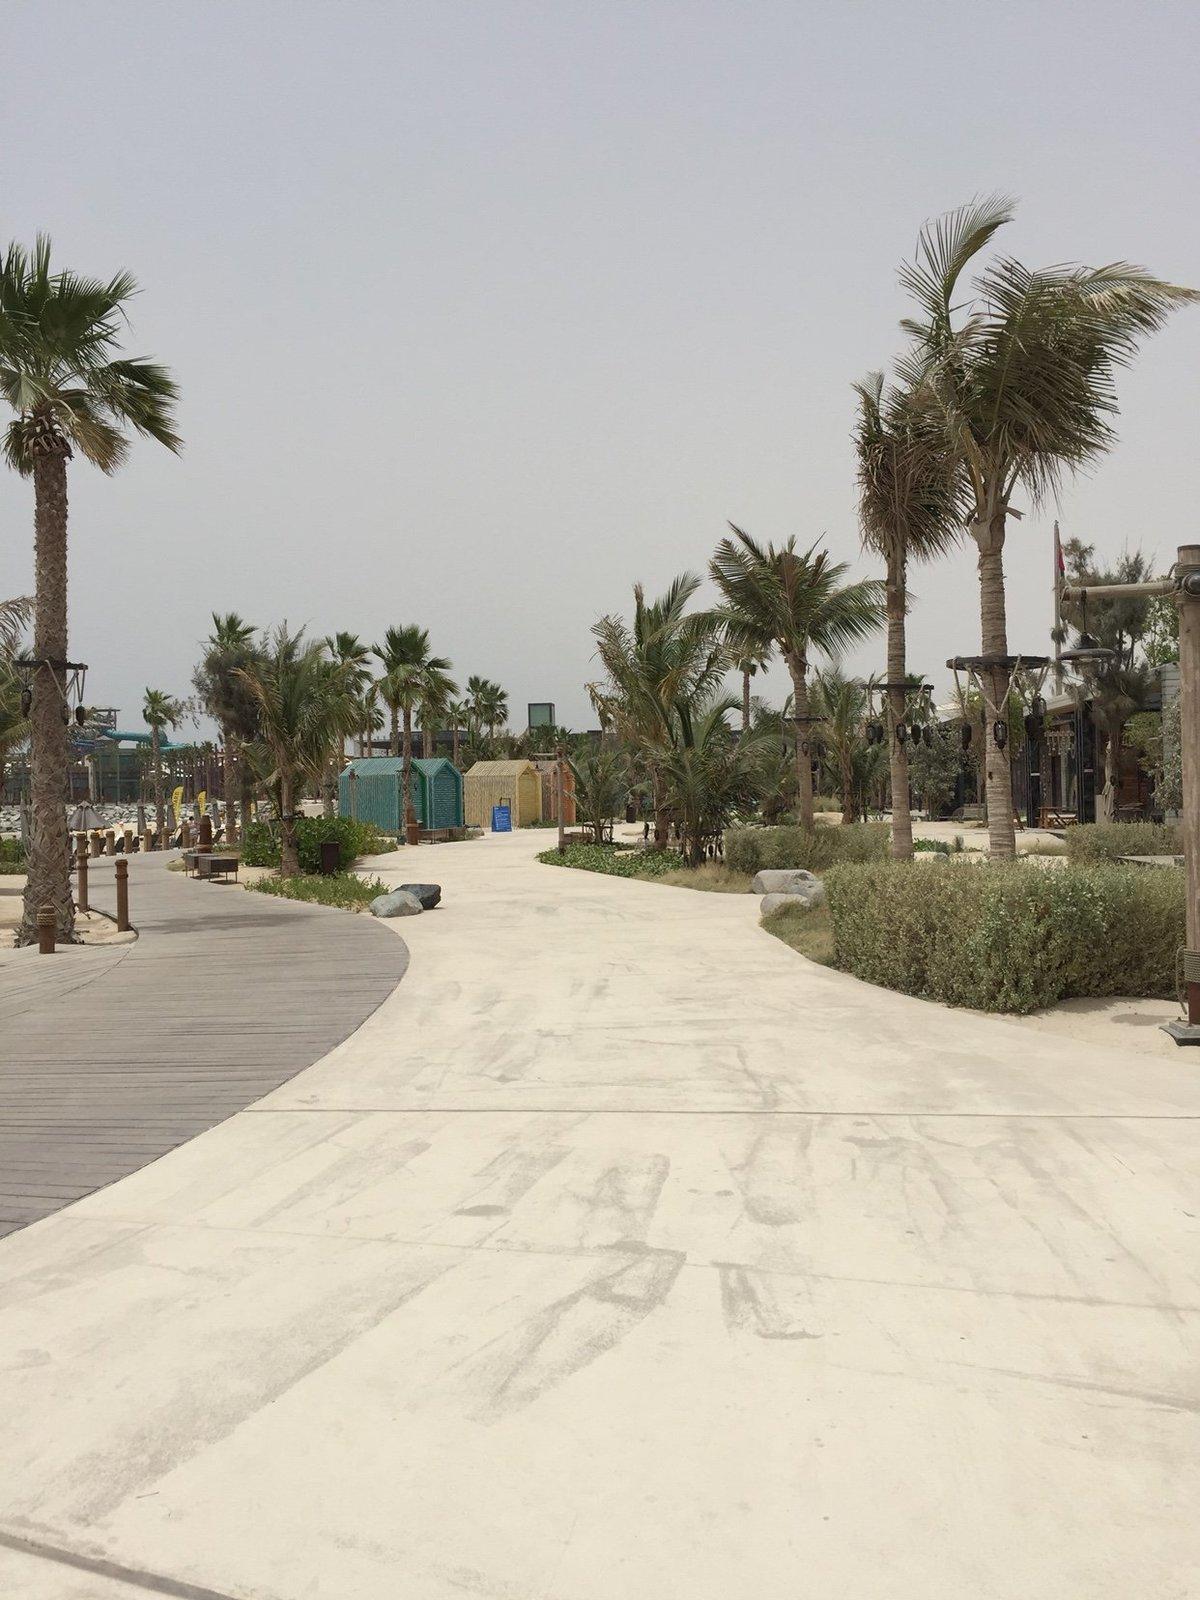 661639 المسافرون العرب دبي مدينة الجميرا